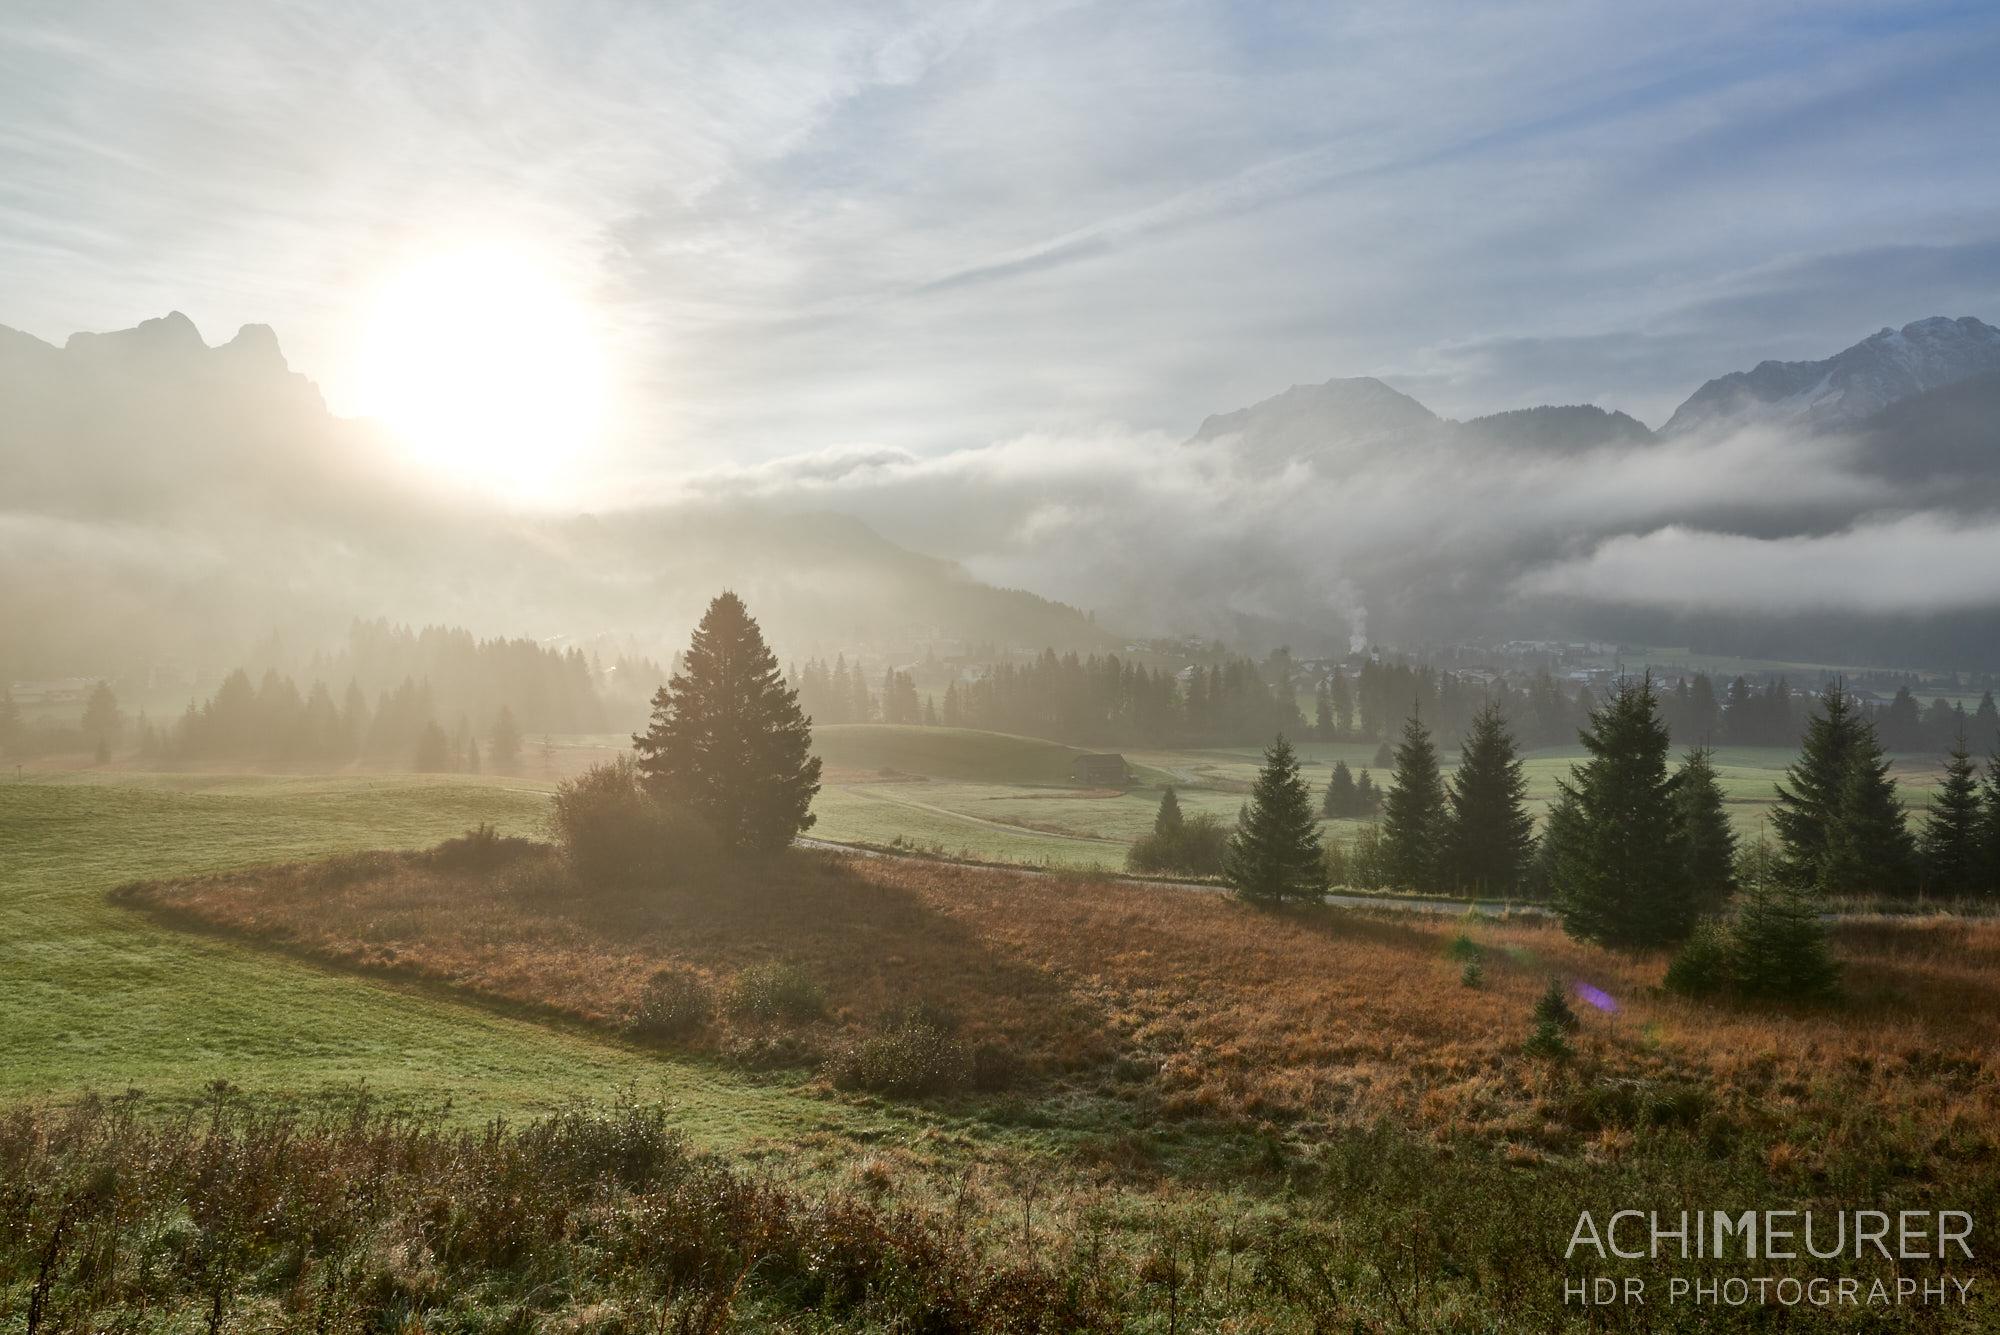 Tannheimertal-Herbst-Morgen-Stimmung-Nebel_4802 by AchimMeurer.com                     .